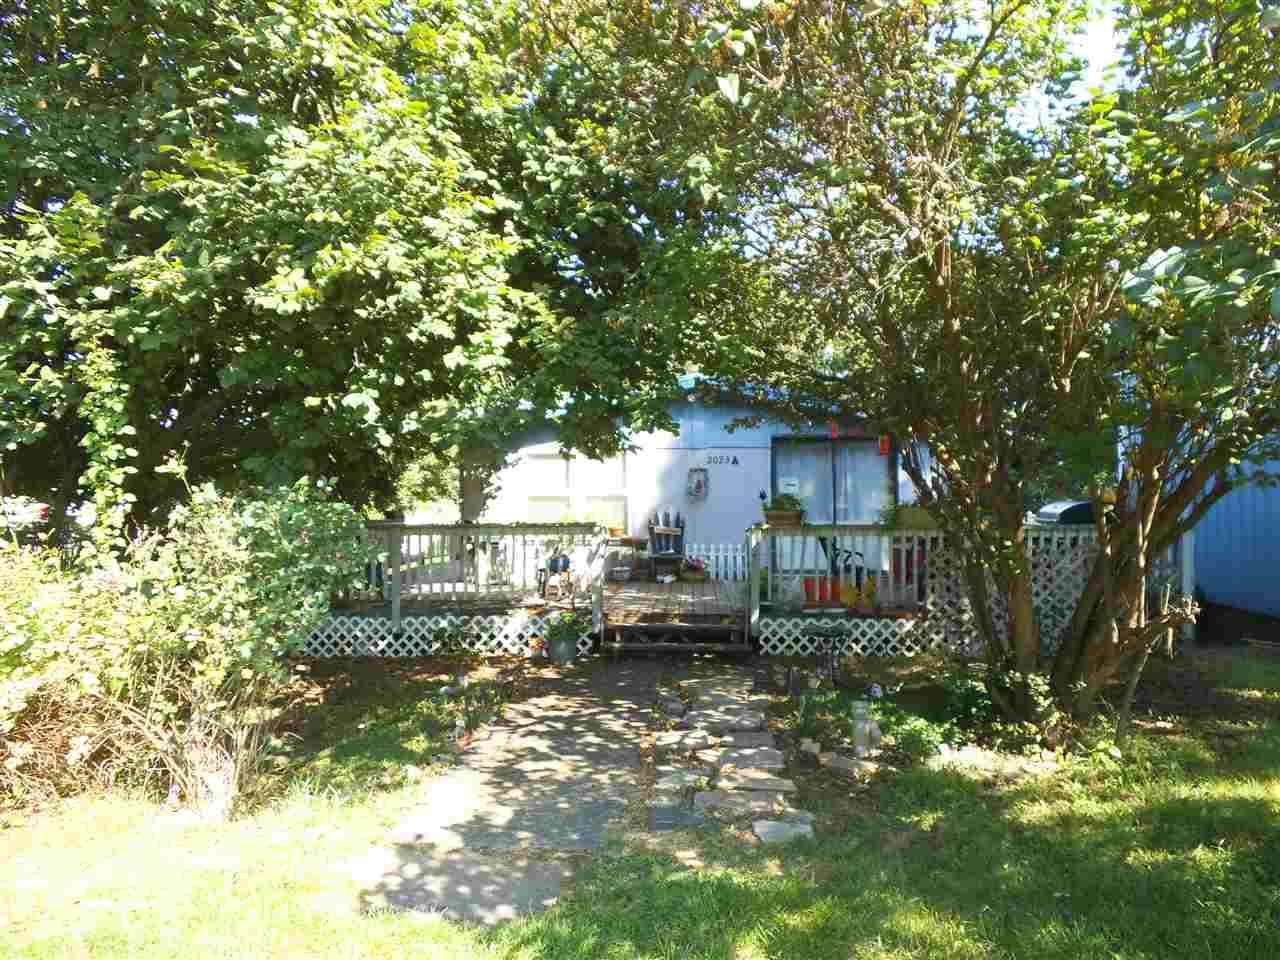 2023 A Grelle Avenue, Lewiston, ID - USA (photo 1)